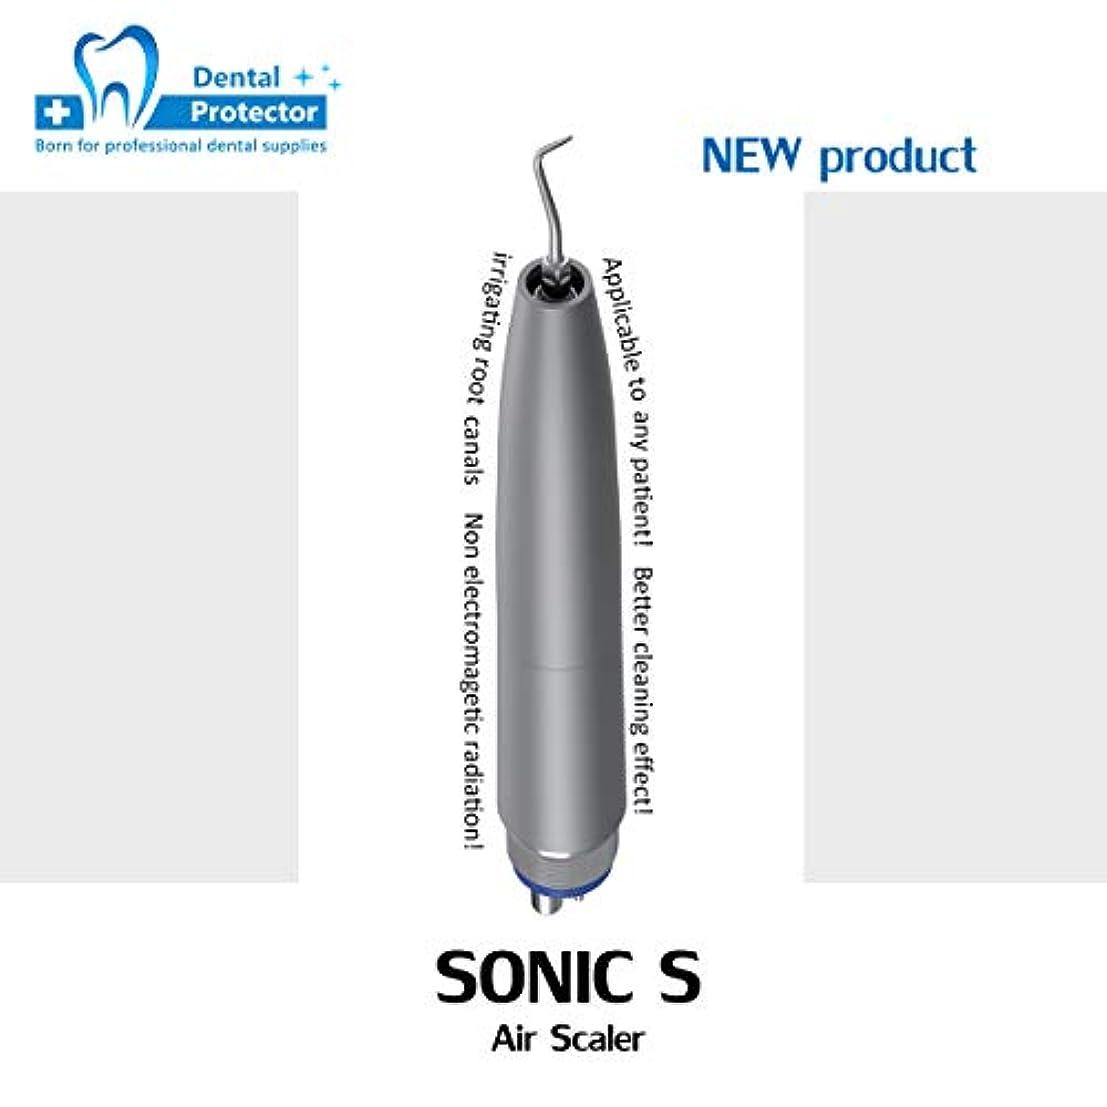 歯科用KAVO対応3Hソニックのエアースケーラー